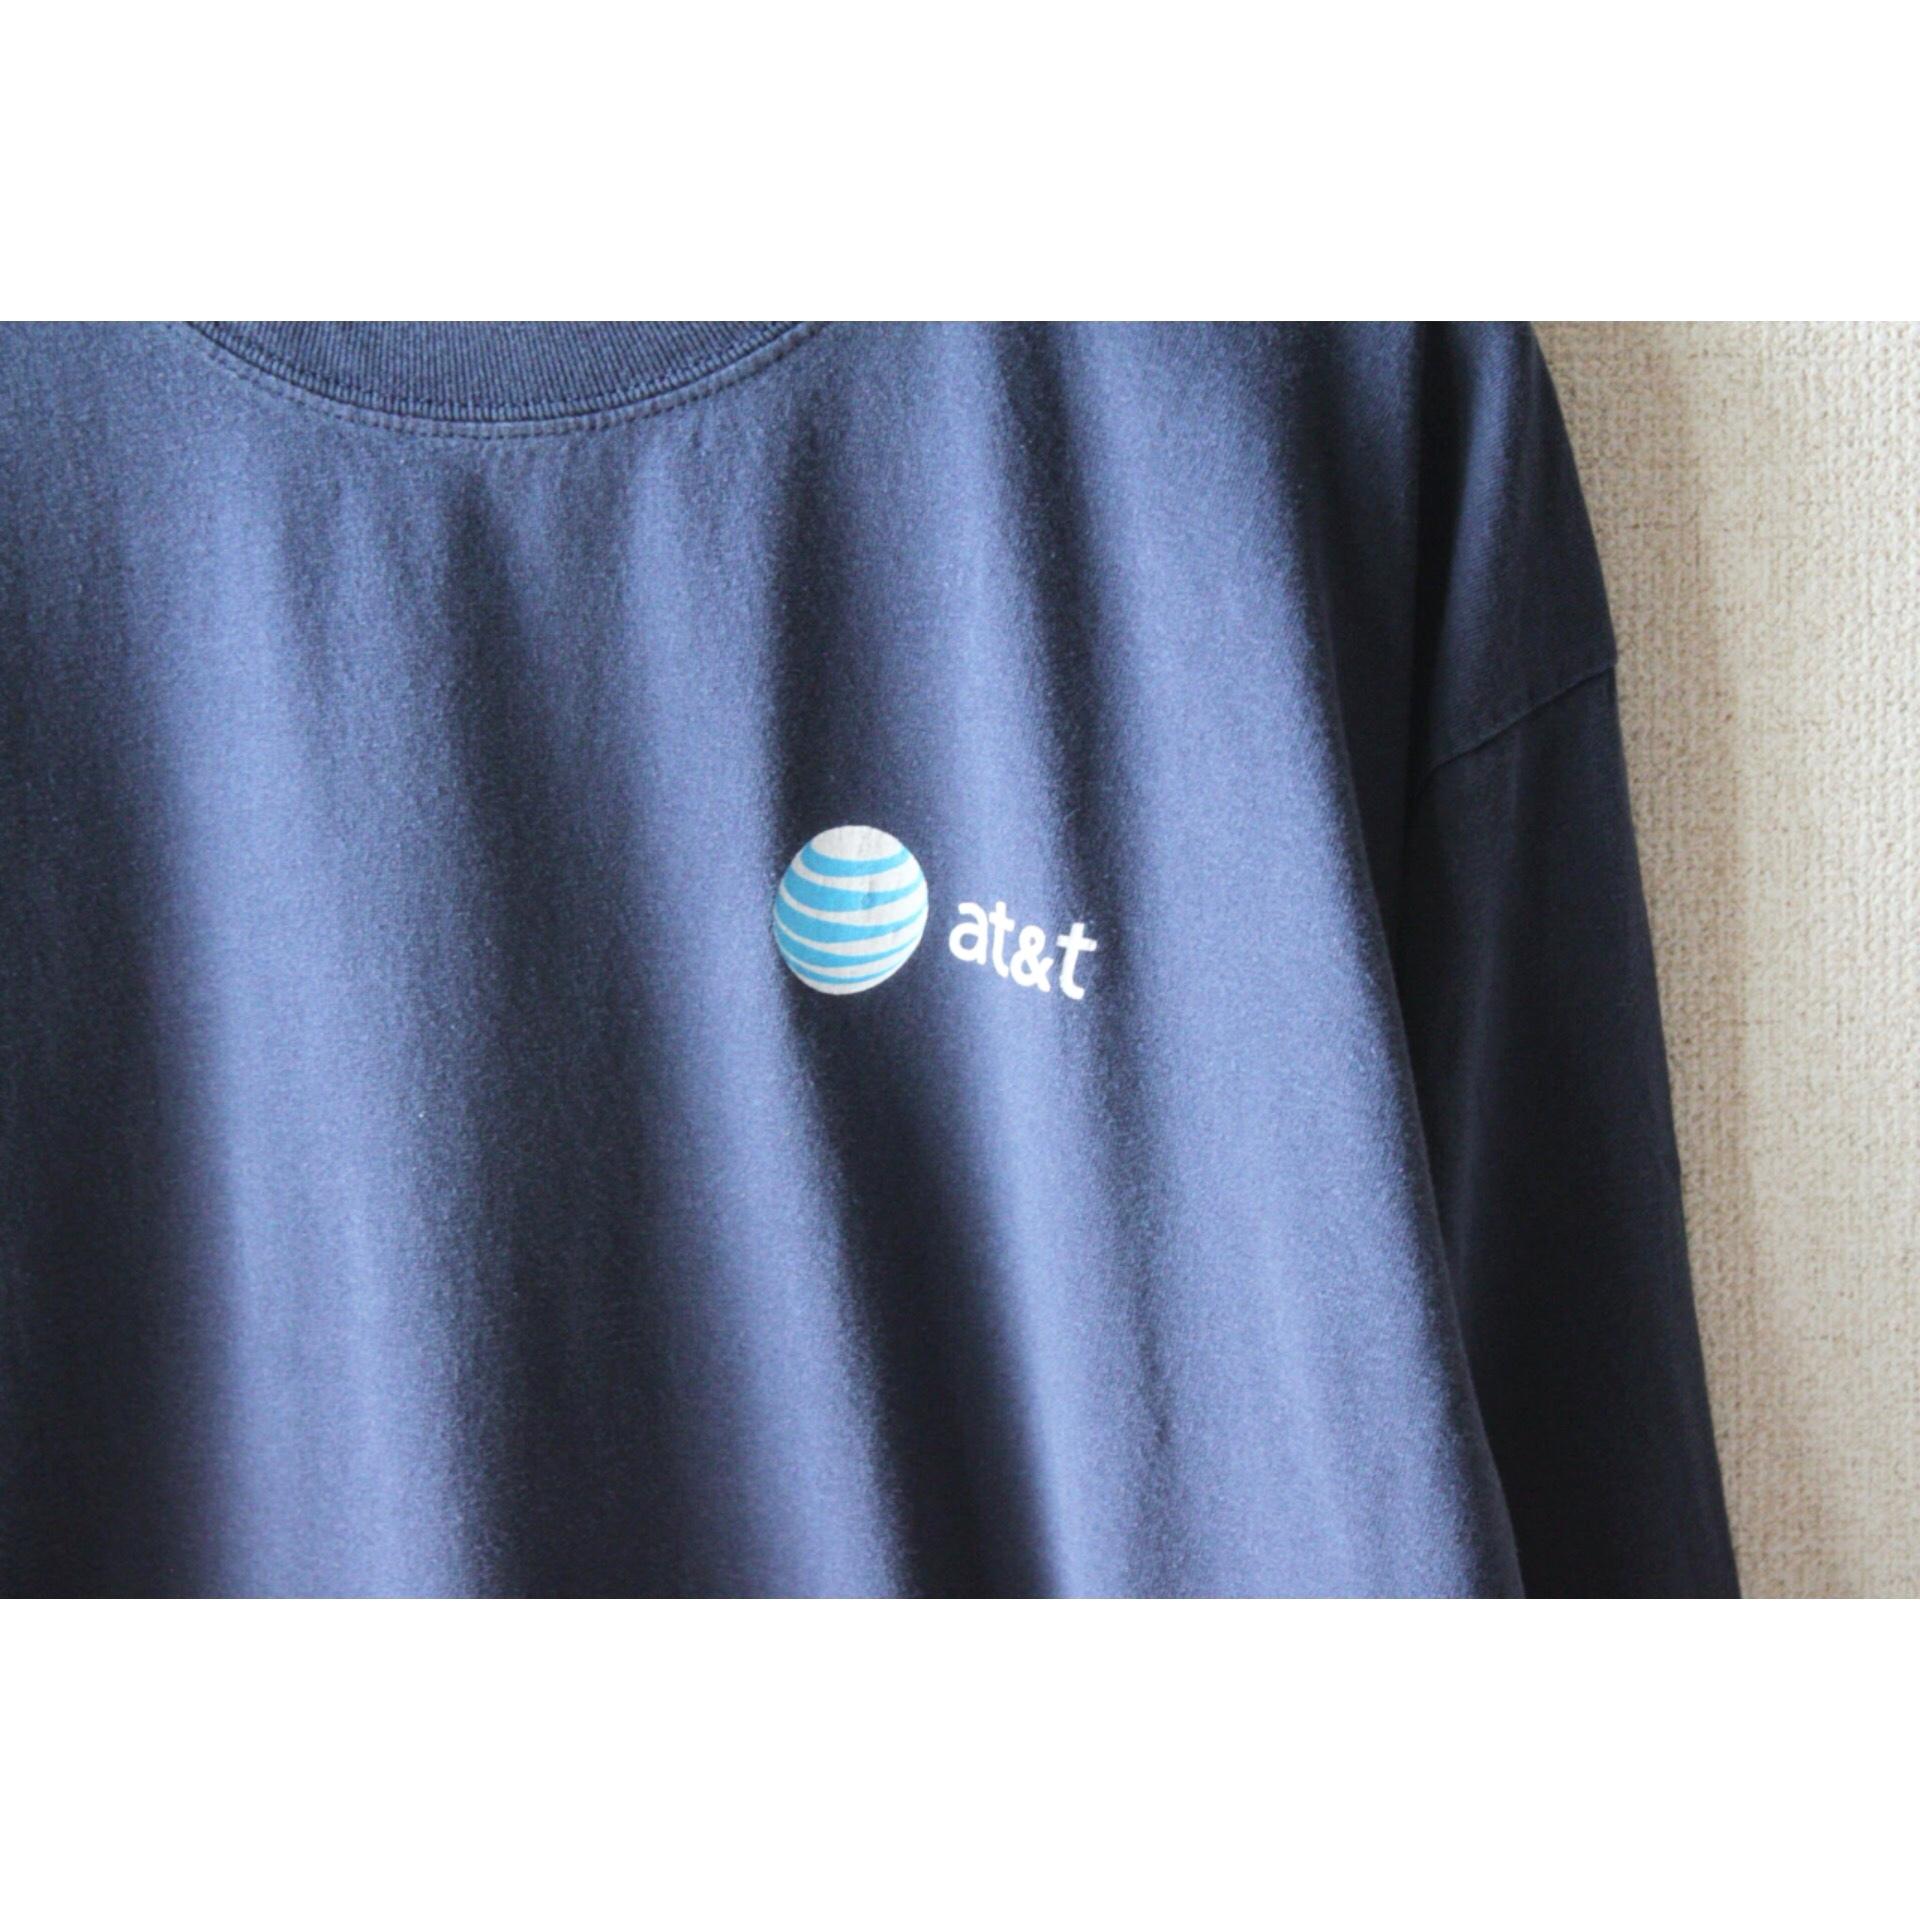 AT&T long sleeve shirt